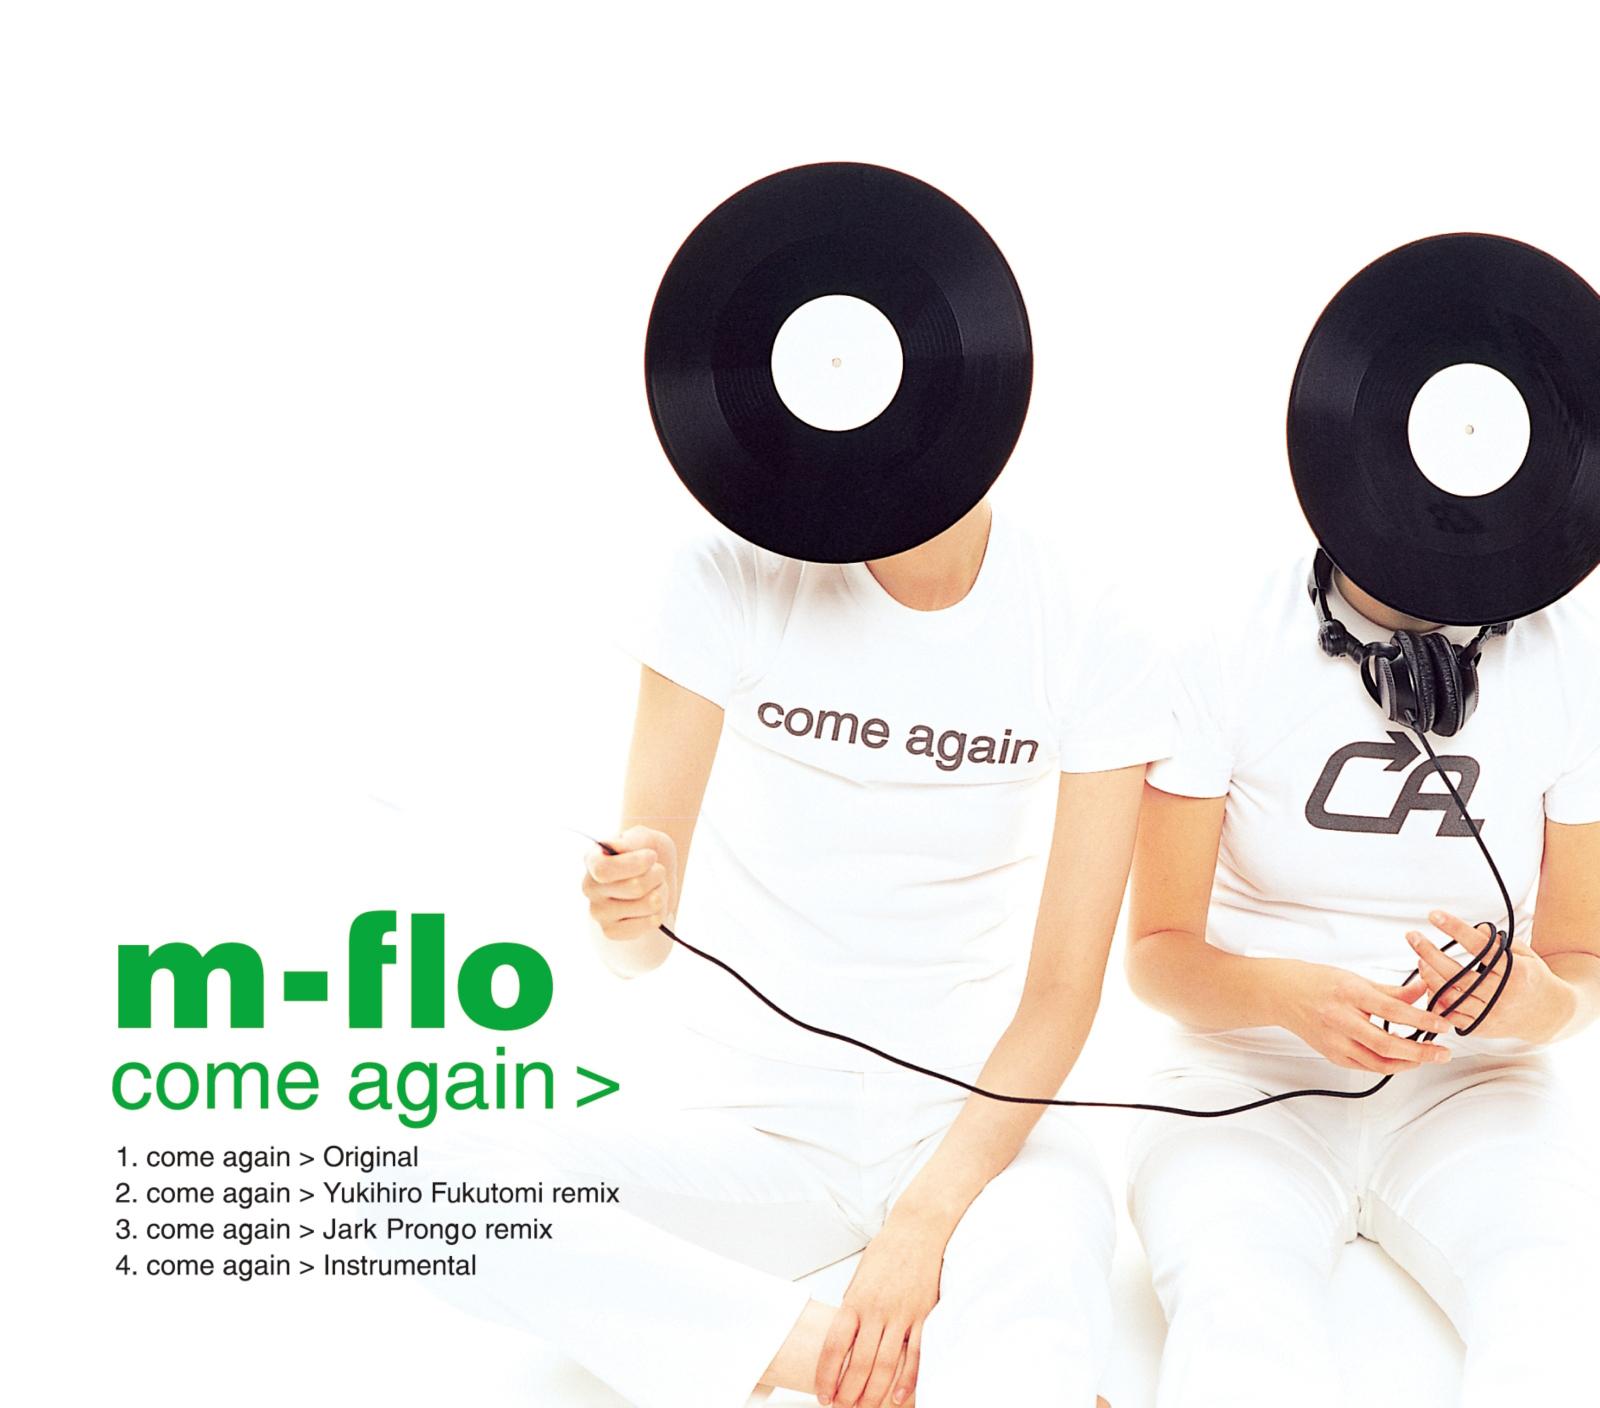 m-flo (エム-フロウ) 9thシングル『come again (カム・アゲイン)』(2001年1月17日発売) 高画質CDジャケット画像 (ジャケ写)